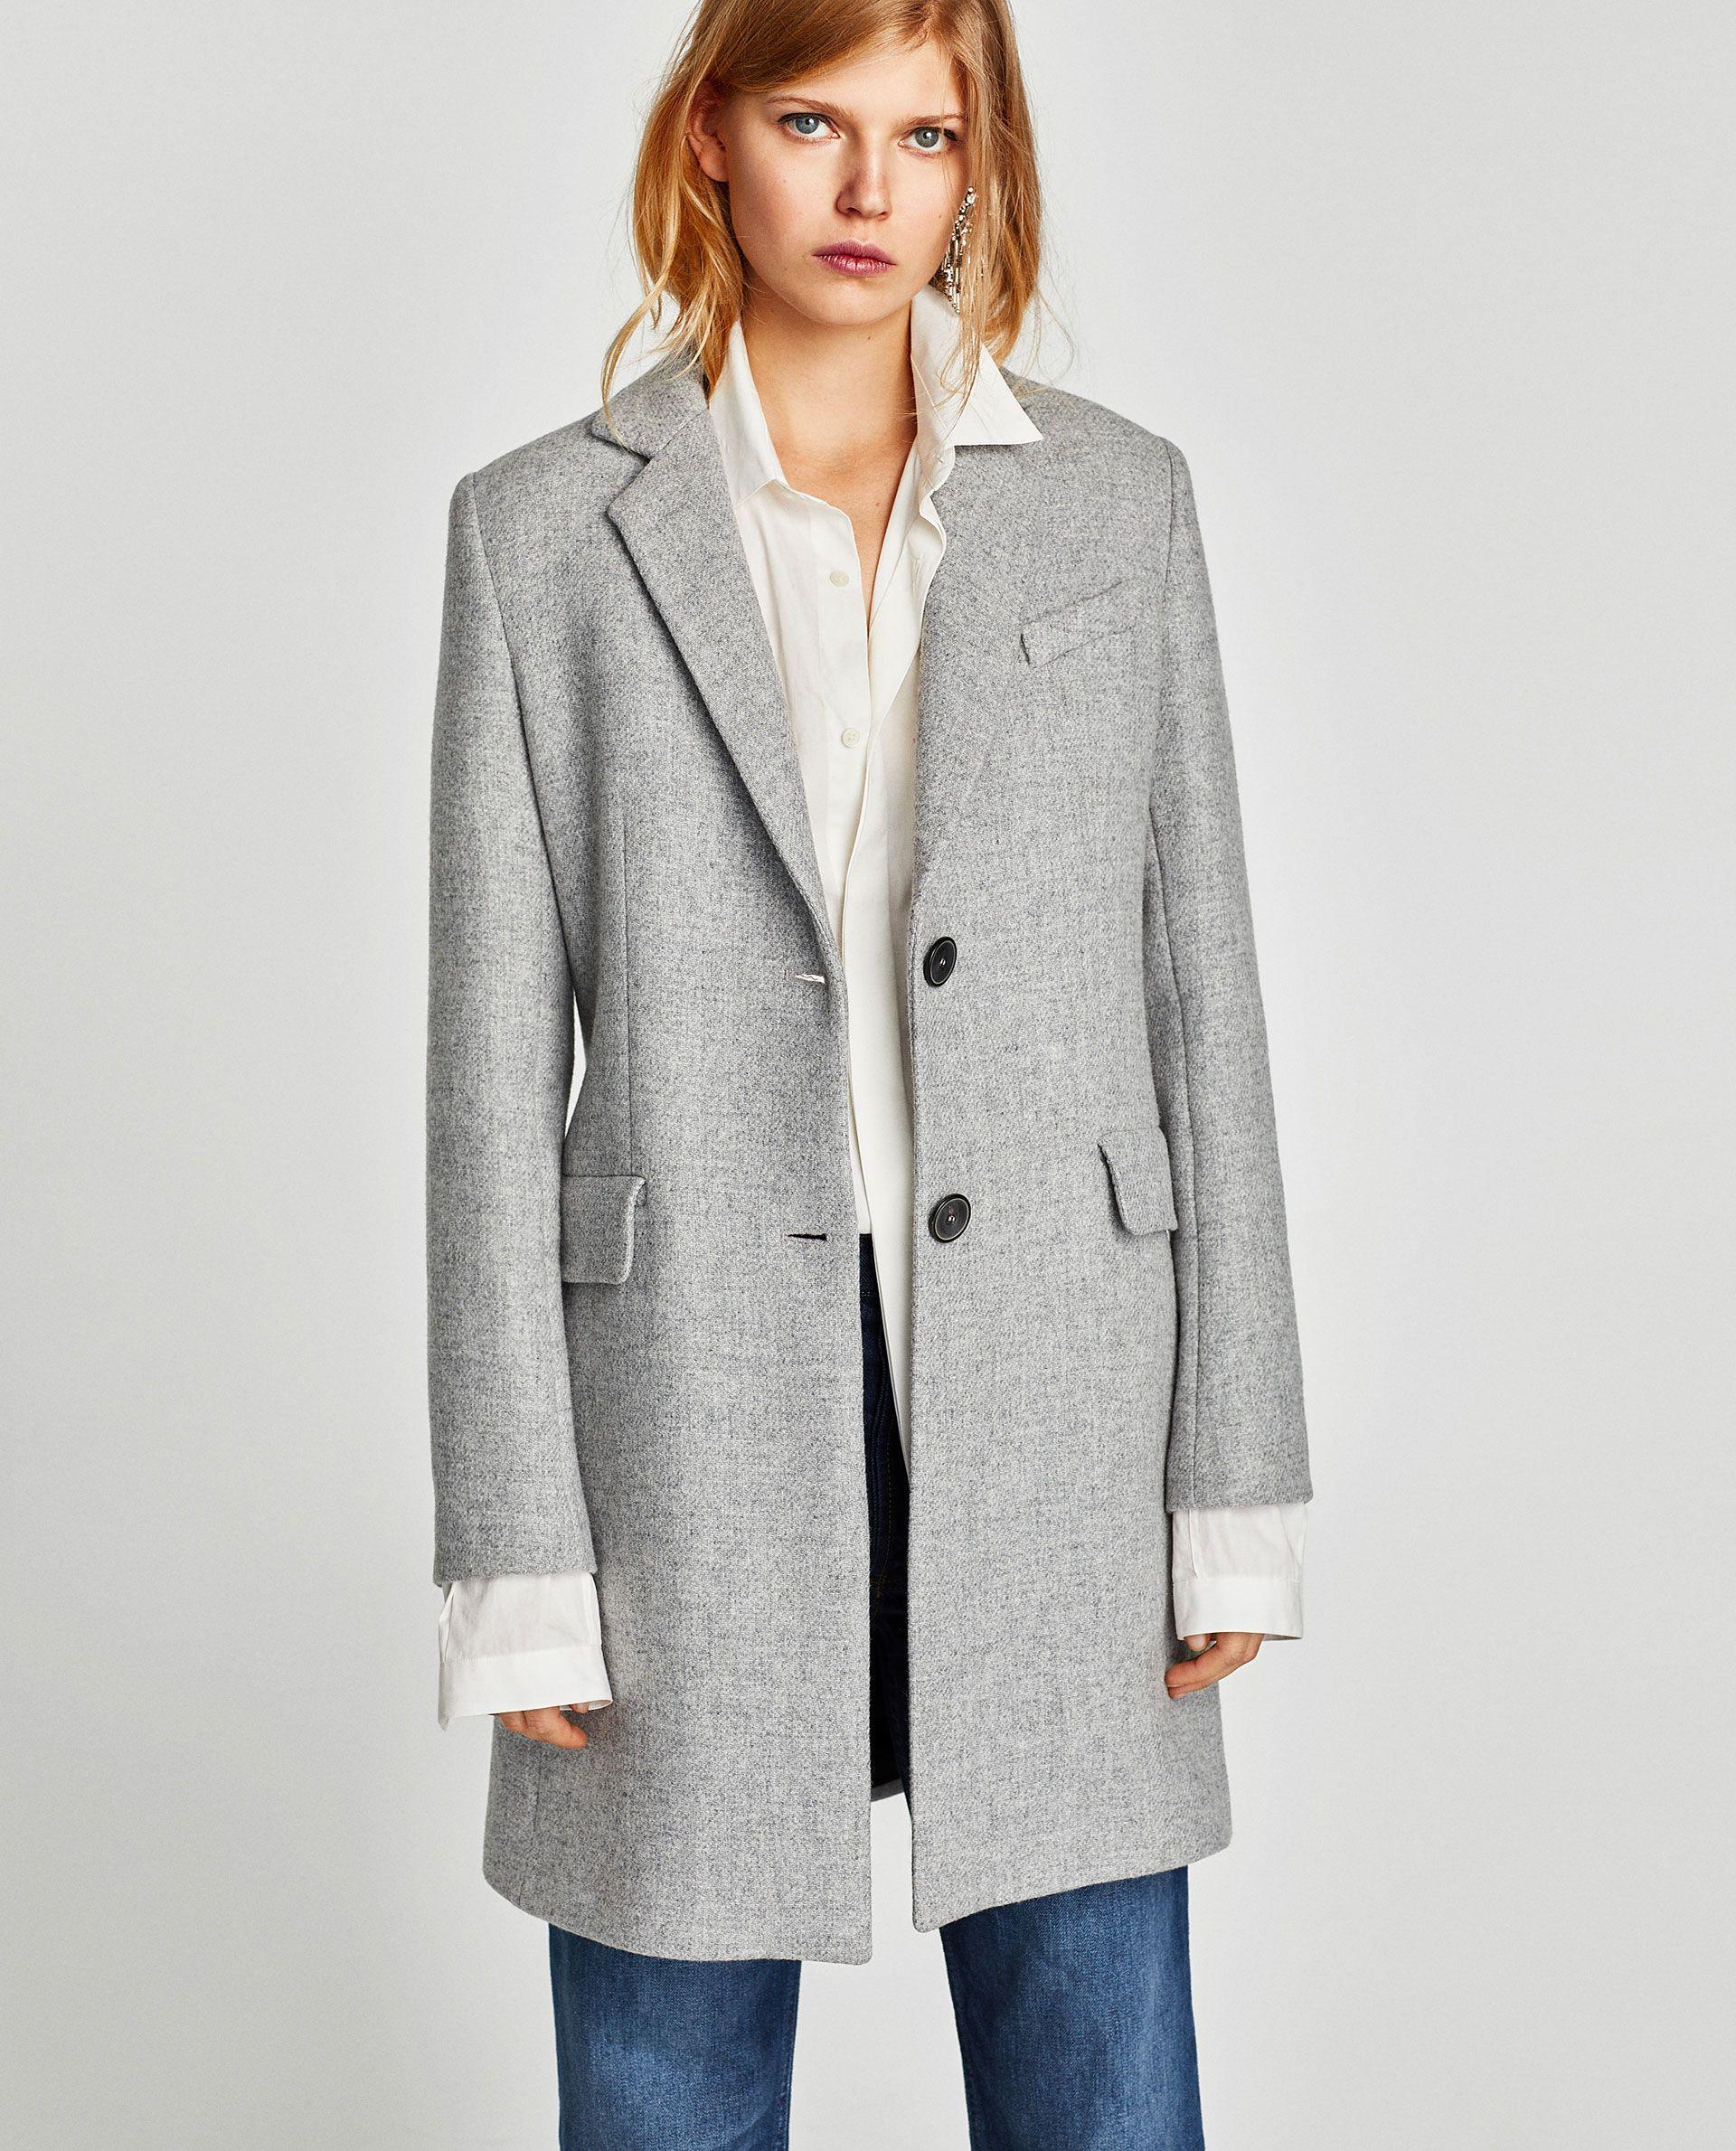 5f698736 Zara coats - best Zara winter coats for 2017